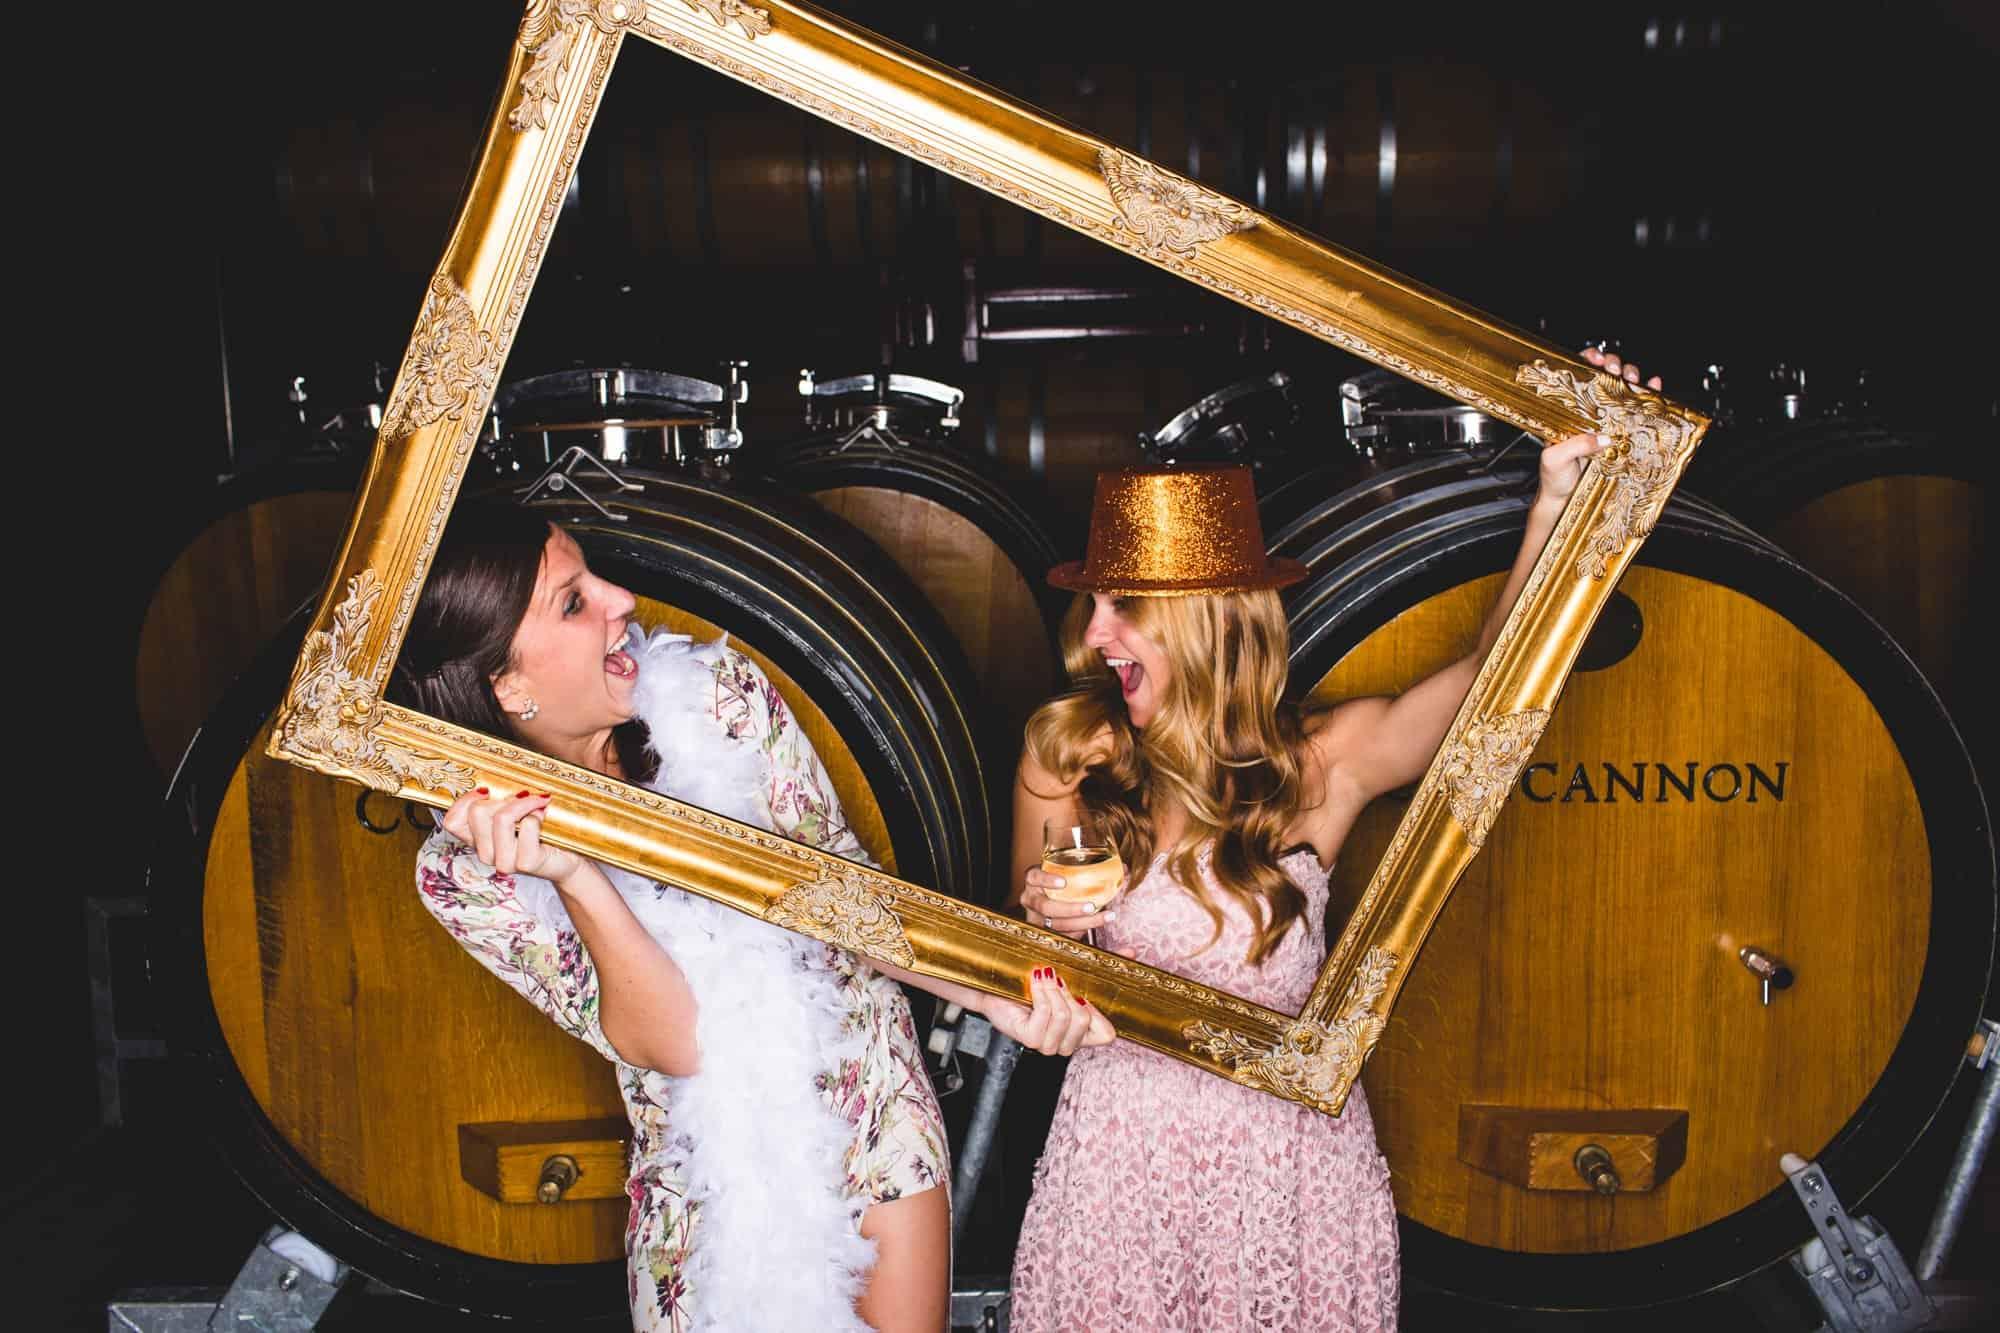 concannon_wedding-5